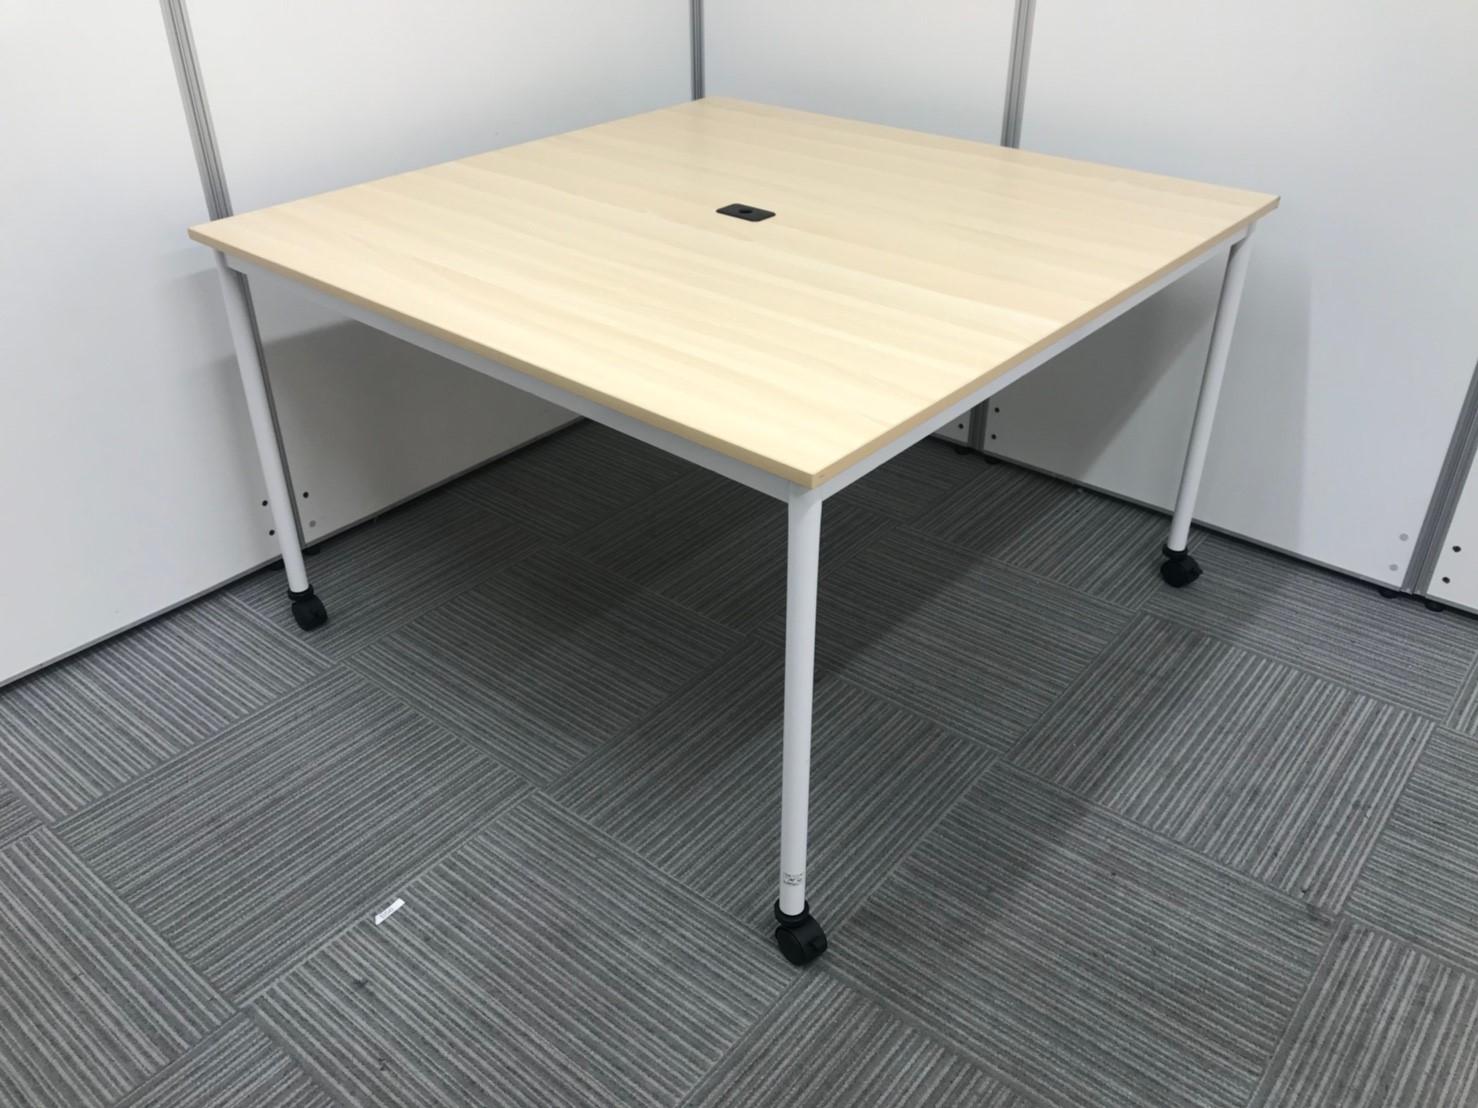 正方形で、使いやすい大きさ!休憩や軽いミーティングなどにおすすめ!